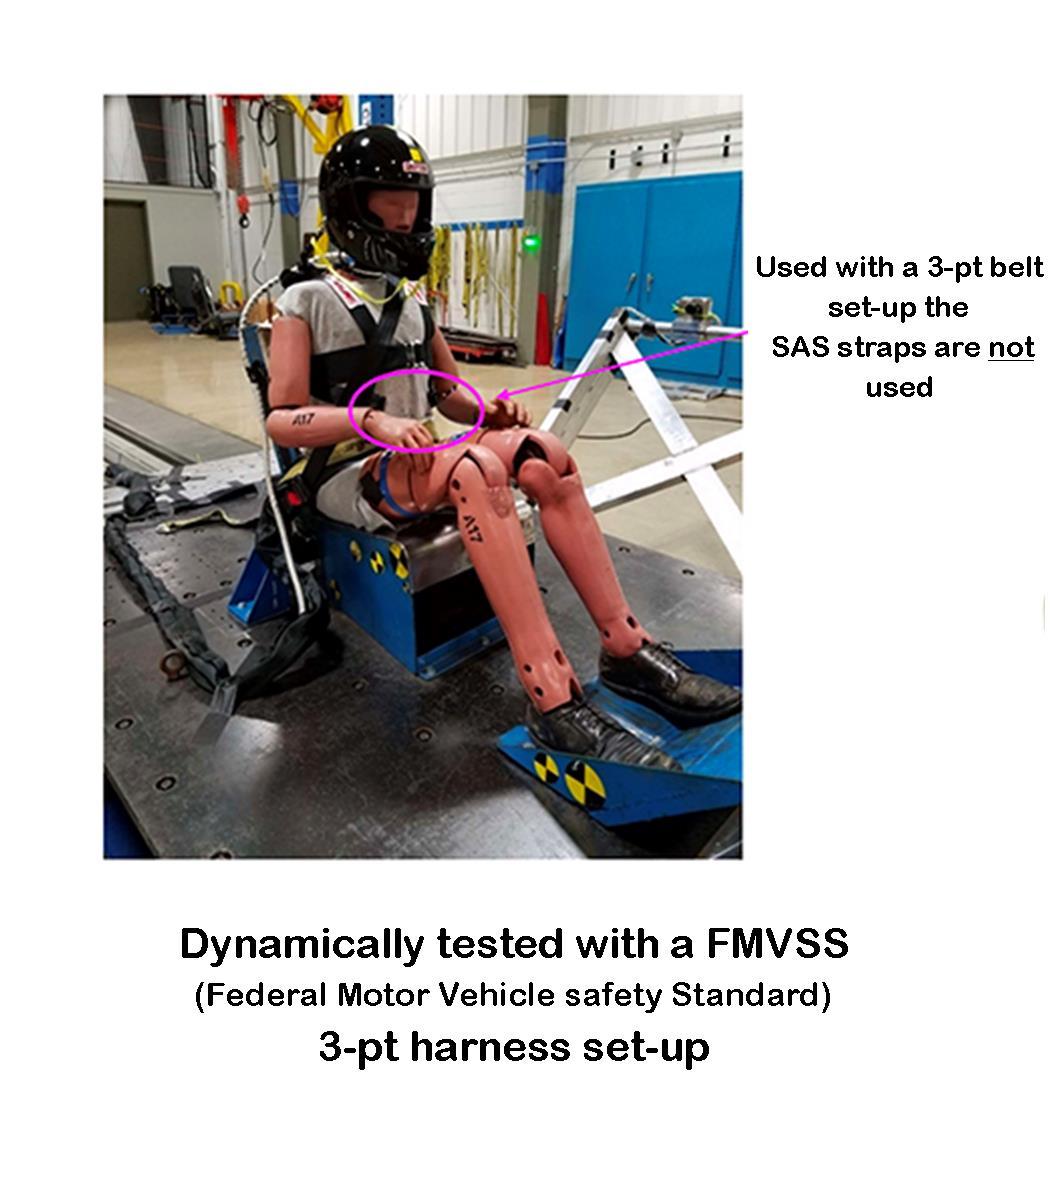 Hybrid s data sled test 3pt test pics 3.jpg